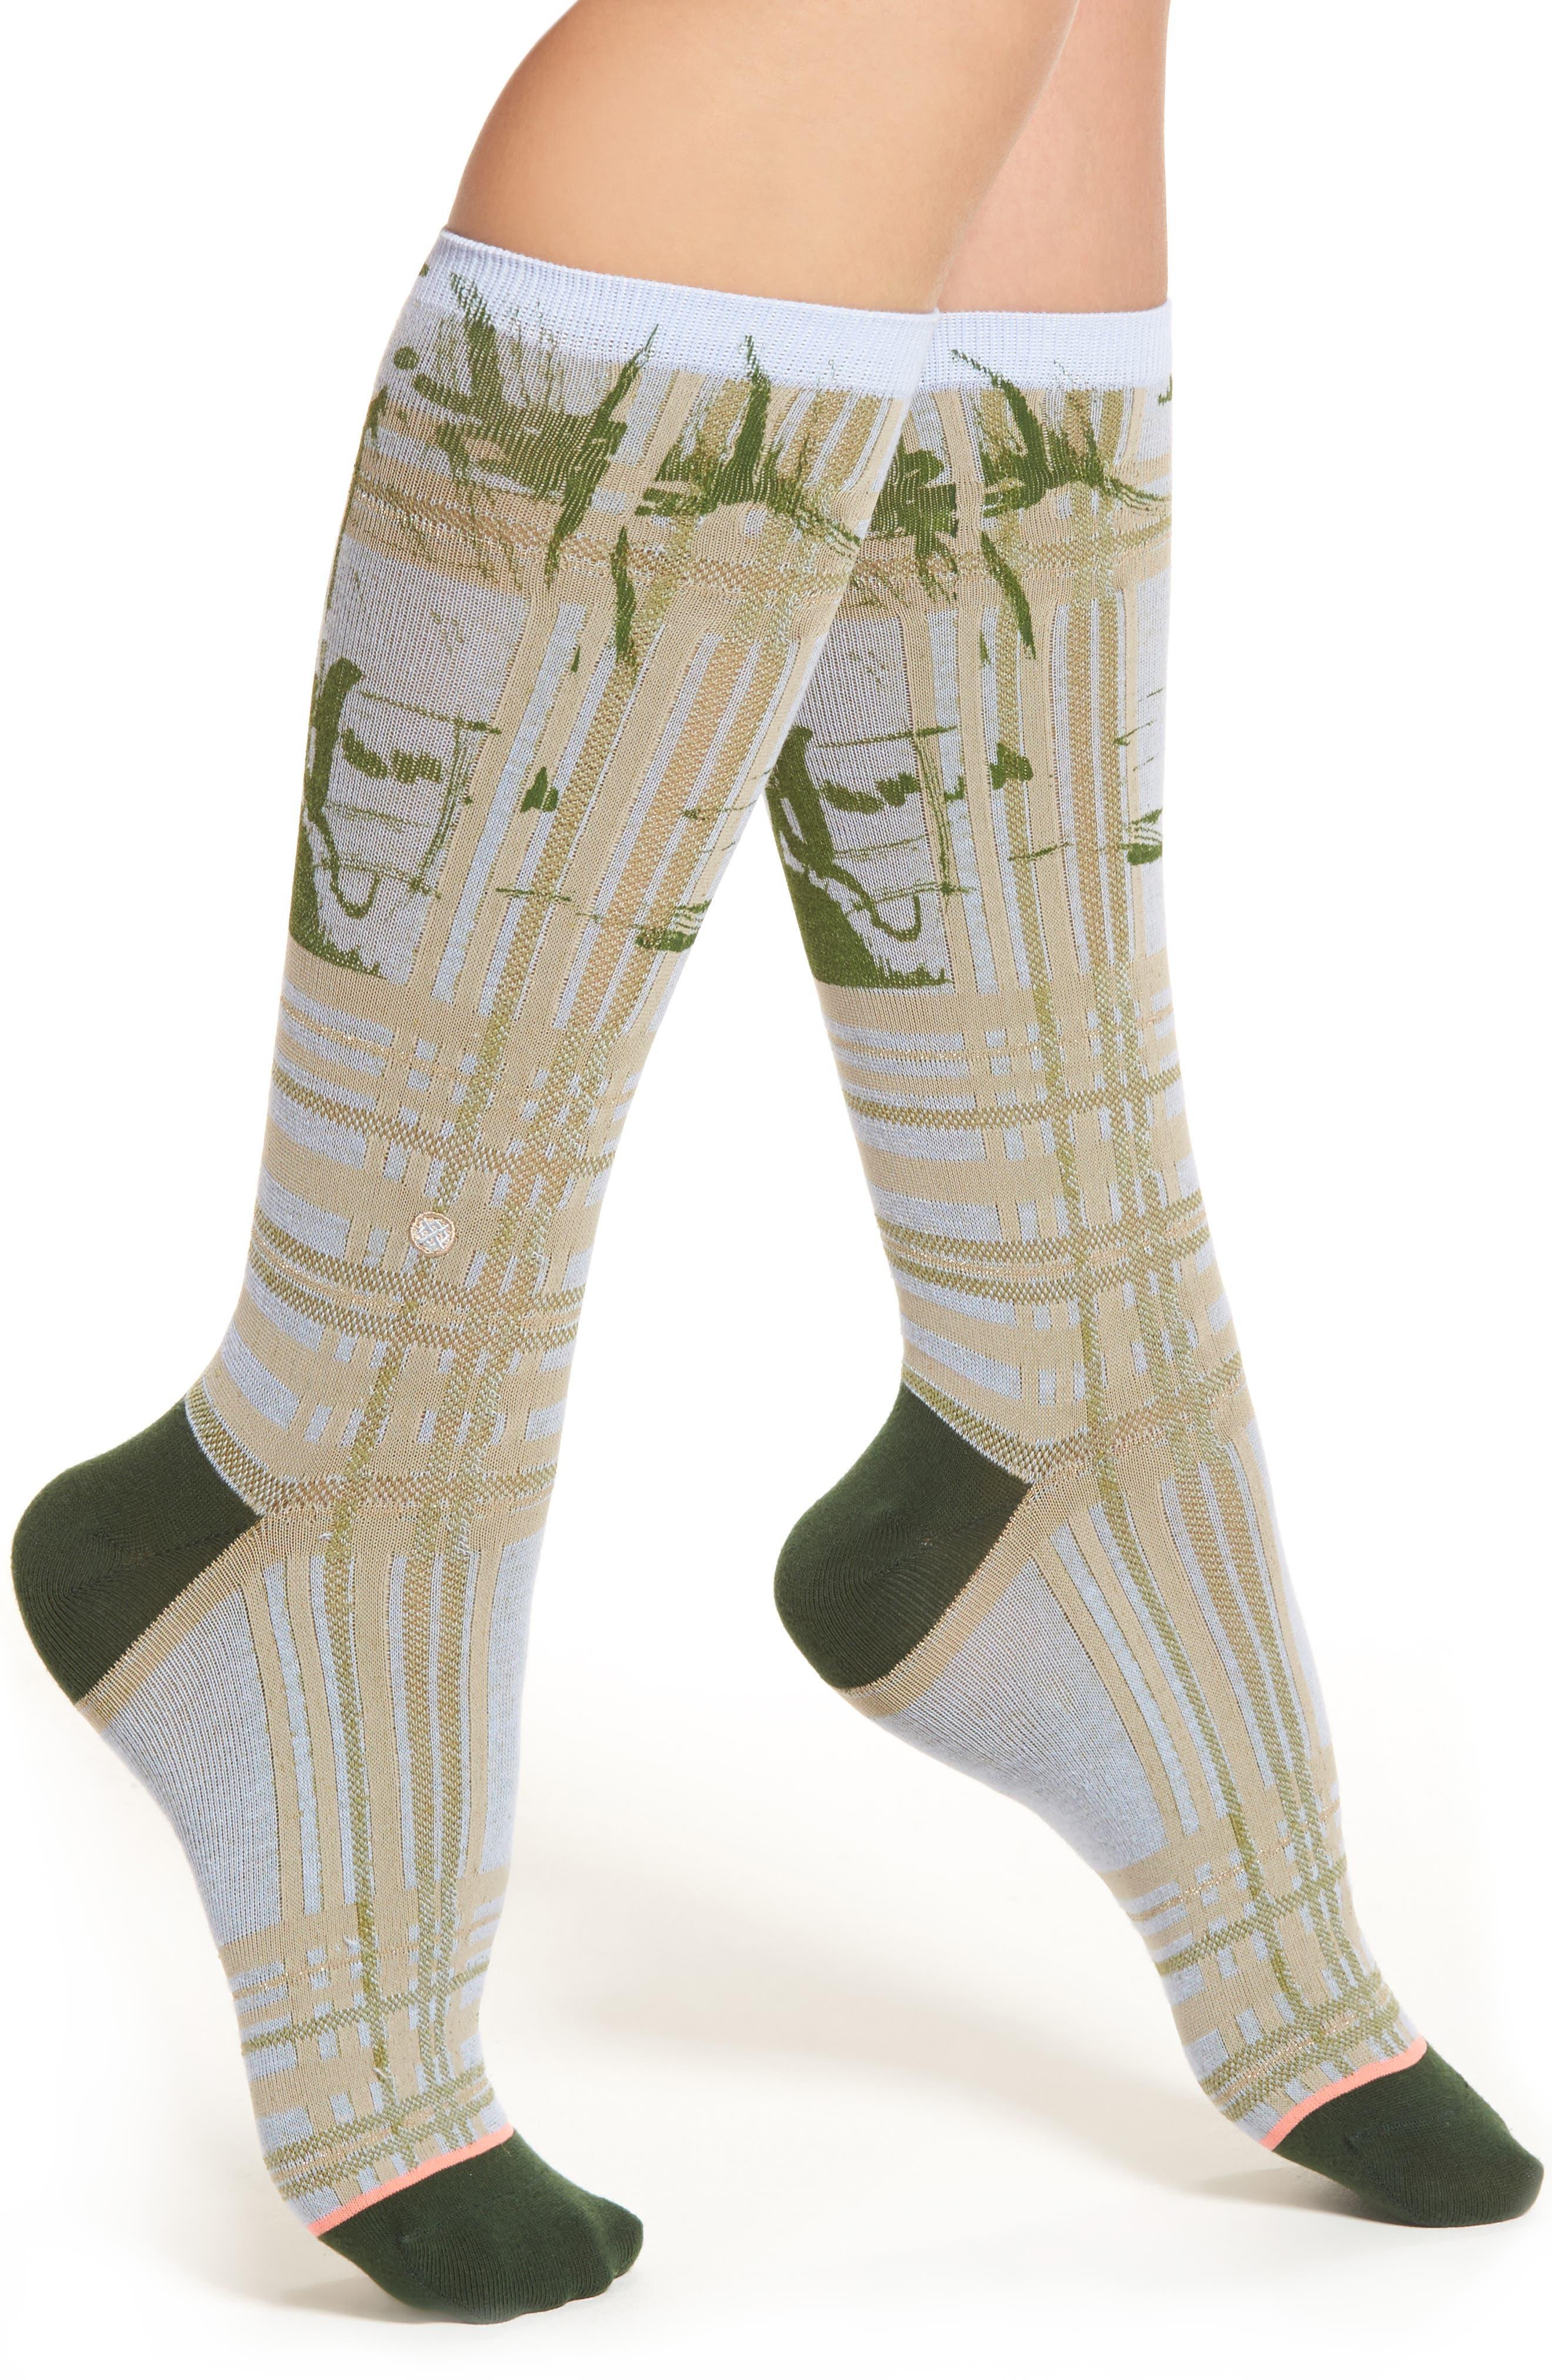 Cobble Hill Socks,                             Main thumbnail 1, color,                             500